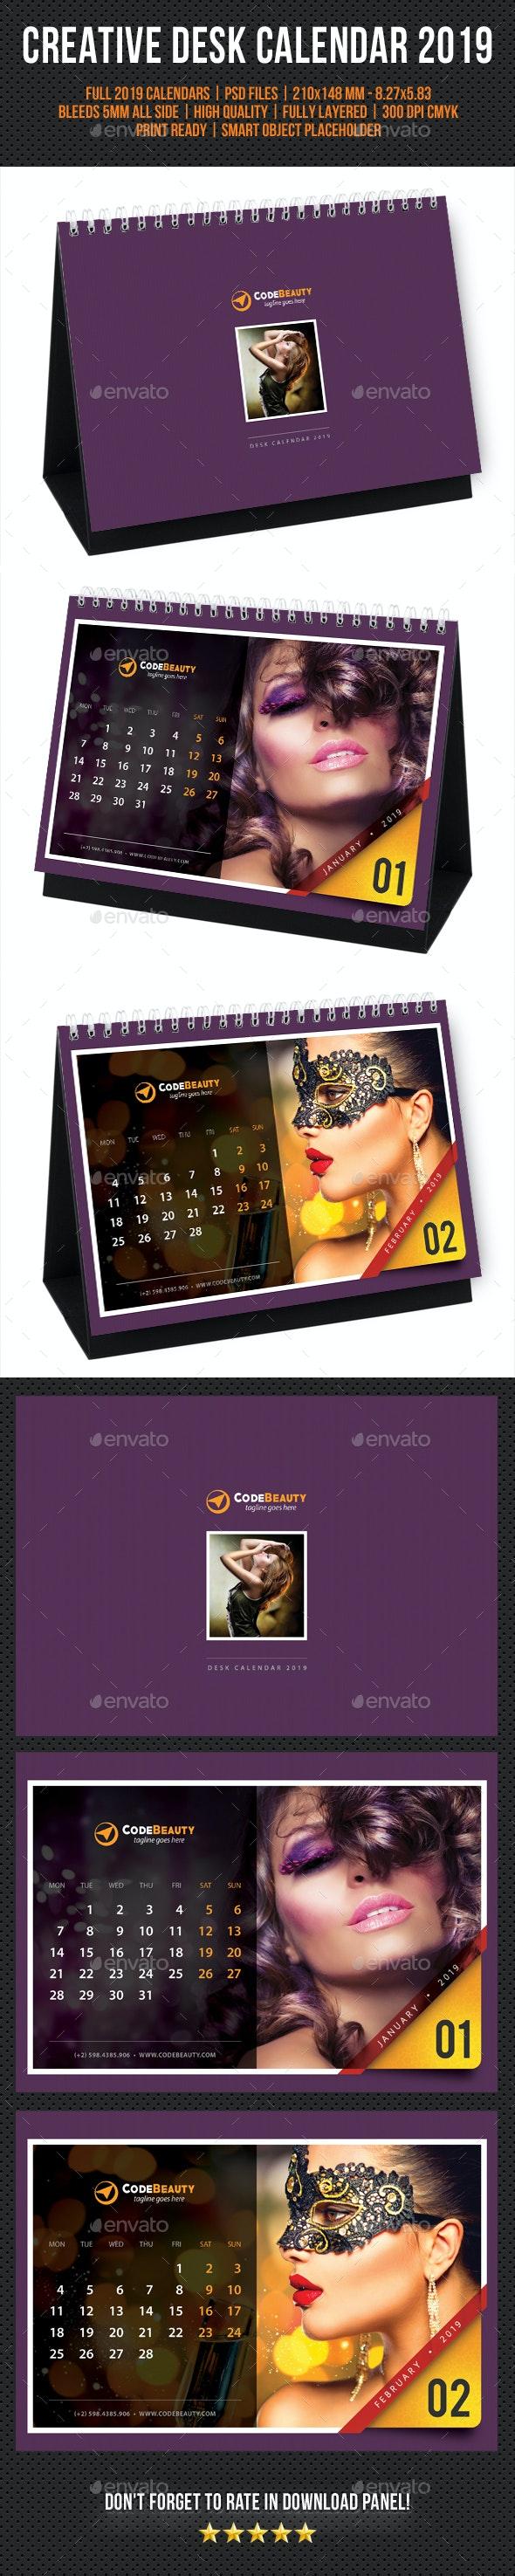 Creative Desk Calendar 2019 V21 - Calendars Stationery